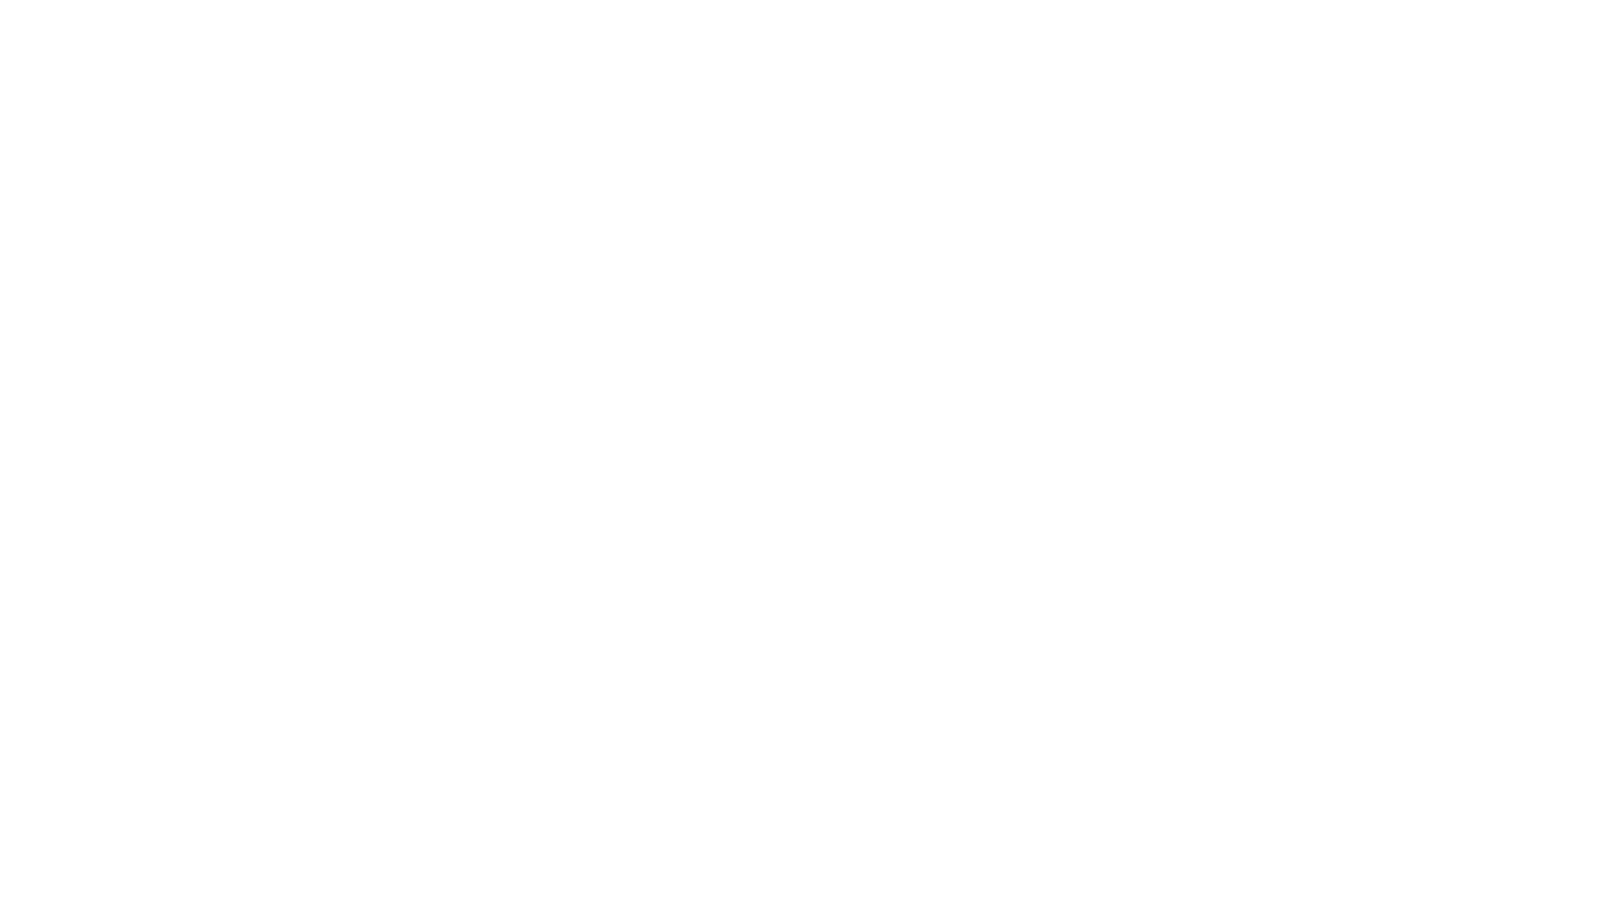 Vanredna situacija zvanično je za teritoriju cele Srbije proglašena 15. maja 2014. godine. Sava je rasla, nivo vode se podigao iznad ikada zapamćenog i 17. maja u večernjim satima nivo reke Save kod Sremske Mitrovice dostigao je do tada nezabeleženih 863 cm. Ubrzo je počela evakuacija stanovništva iz dela samog grada uz reku, ali i iz Mačvanske Mitrovice i Laćarka.  U Gradu Sremska Mitrovica vanredna situacija je bila na snazi do 2. juna kada je procenjeno da opasnost od poplava više ne postoji.